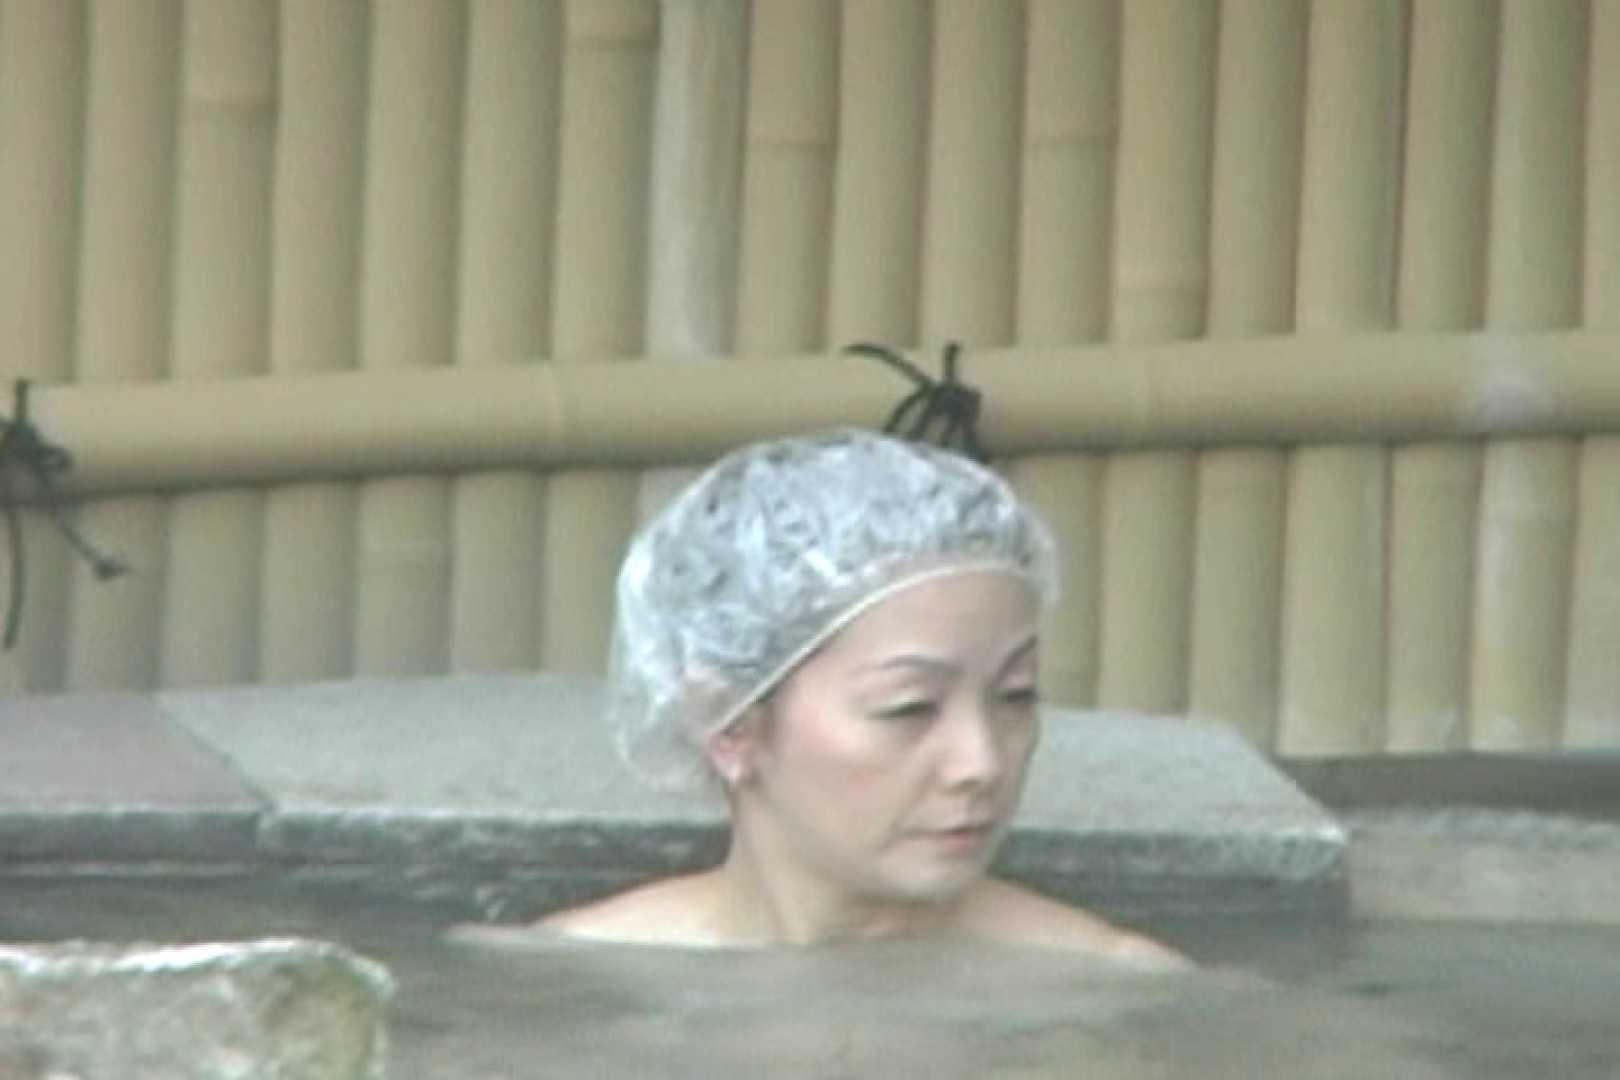 Aquaな露天風呂Vol.592 露天 | 盗撮  92pic 4